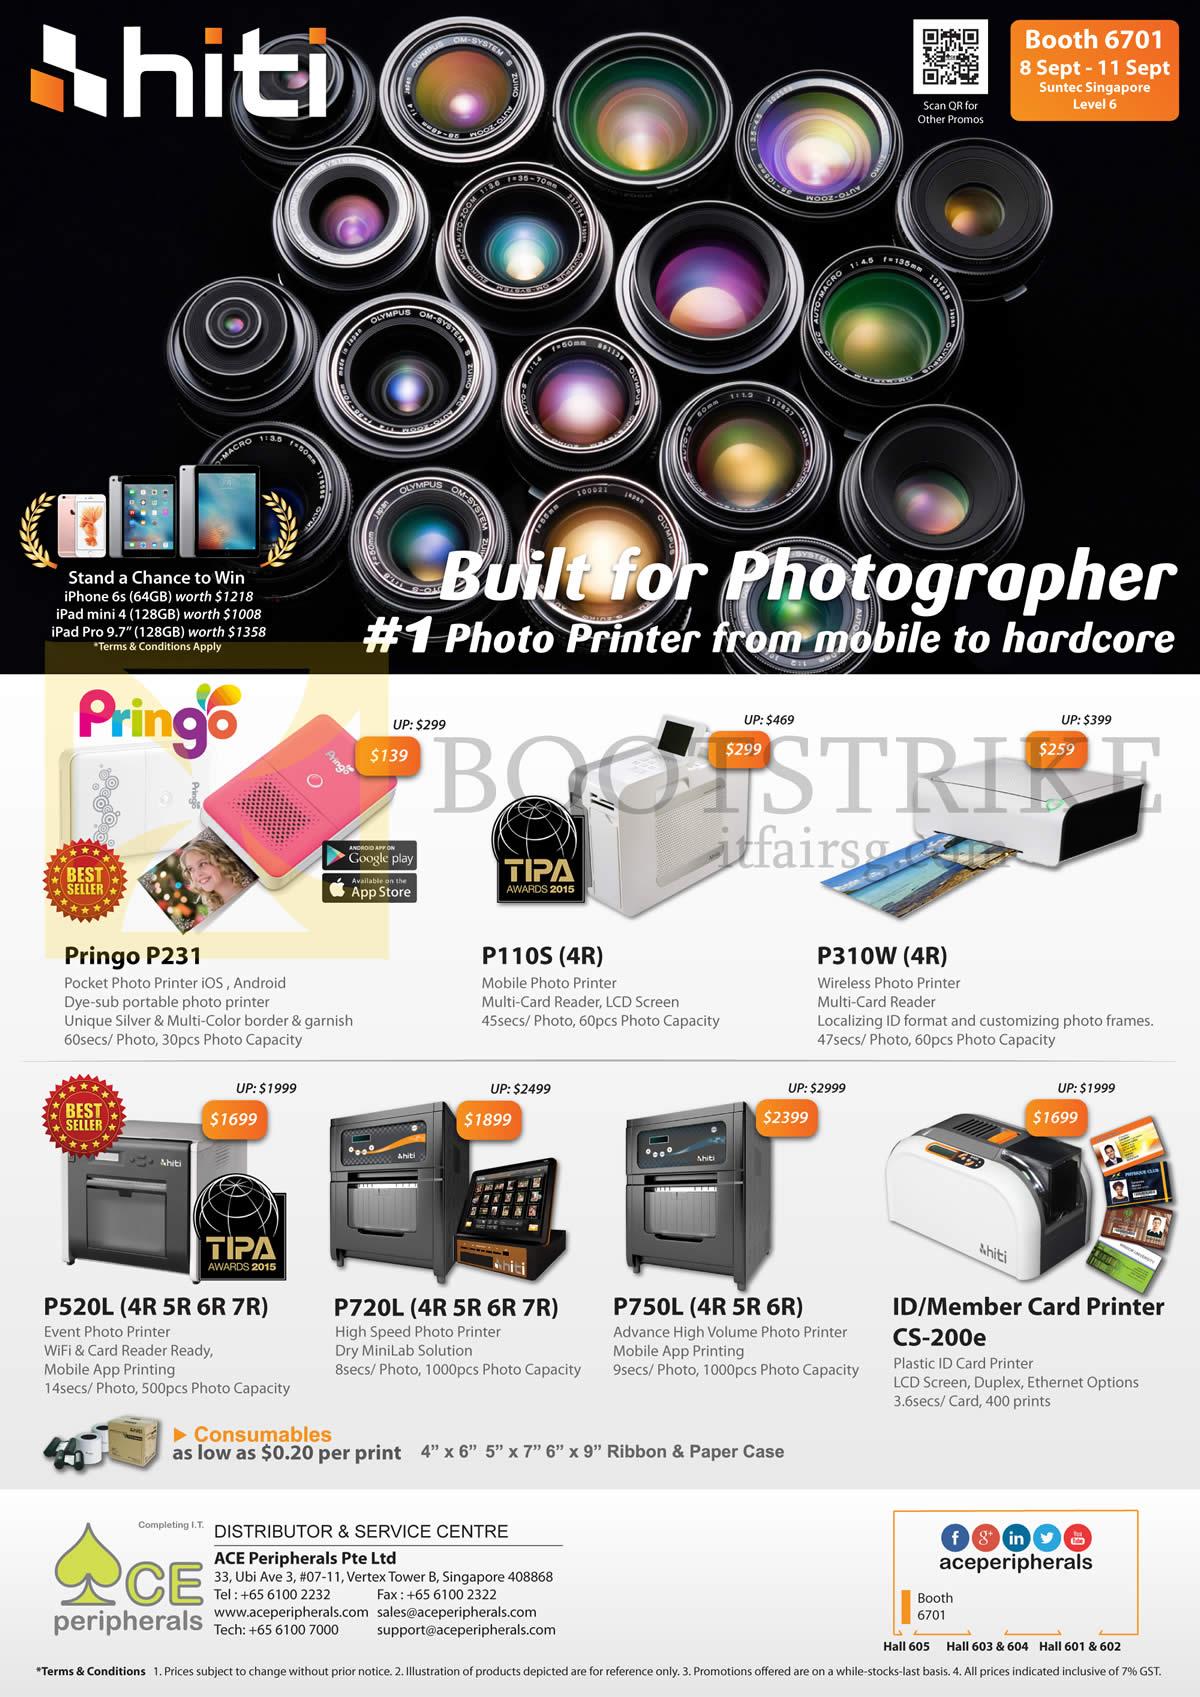 COMEX 2016 price list image brochure of Ace Peripherals Hiti Photo Printers Pringo Pocket P110S, P231, P310W, CS 200e, P520L. P720L. P750L